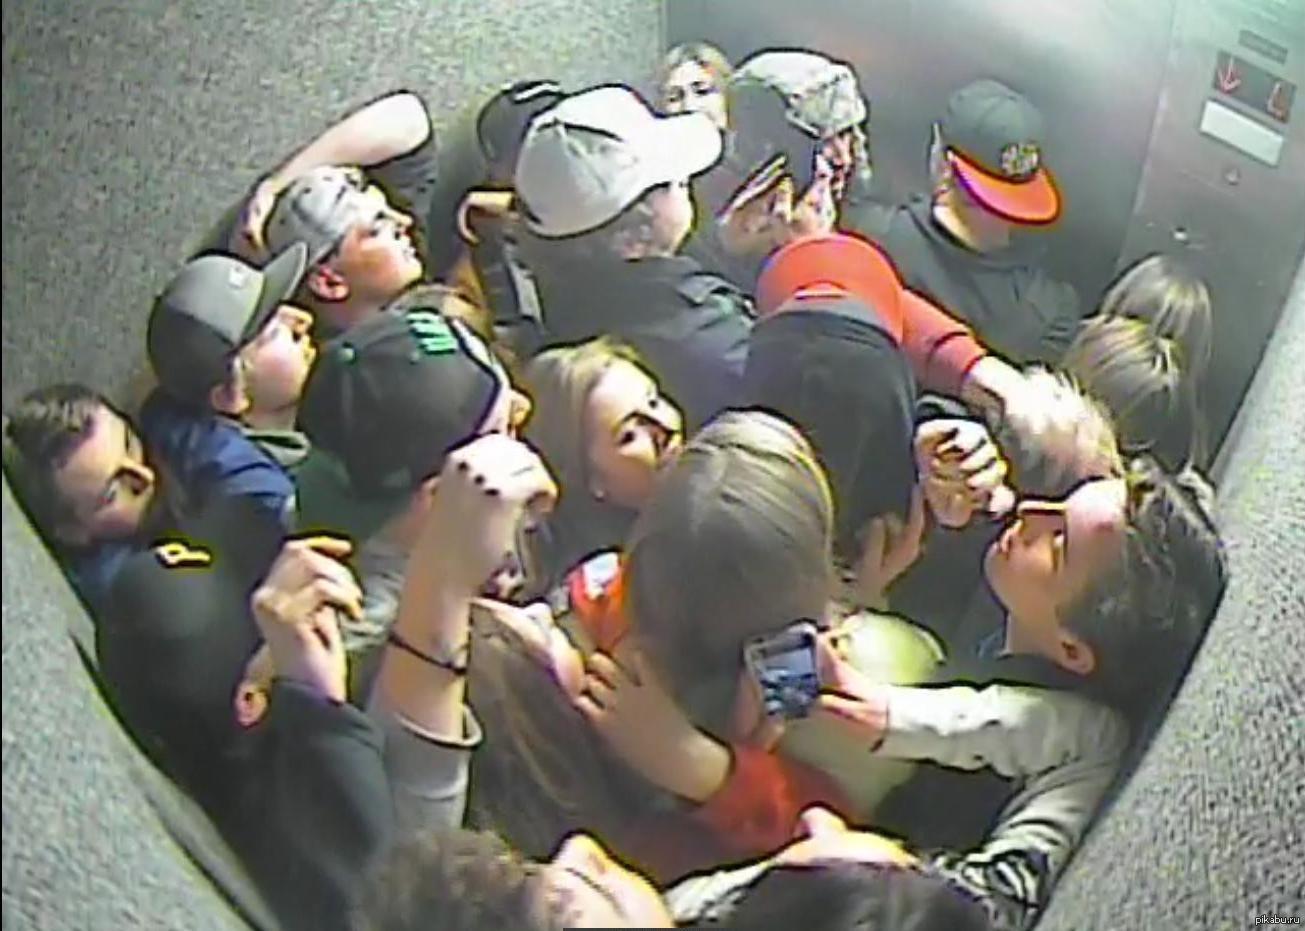 Студентки пьяные фото 21 фотография